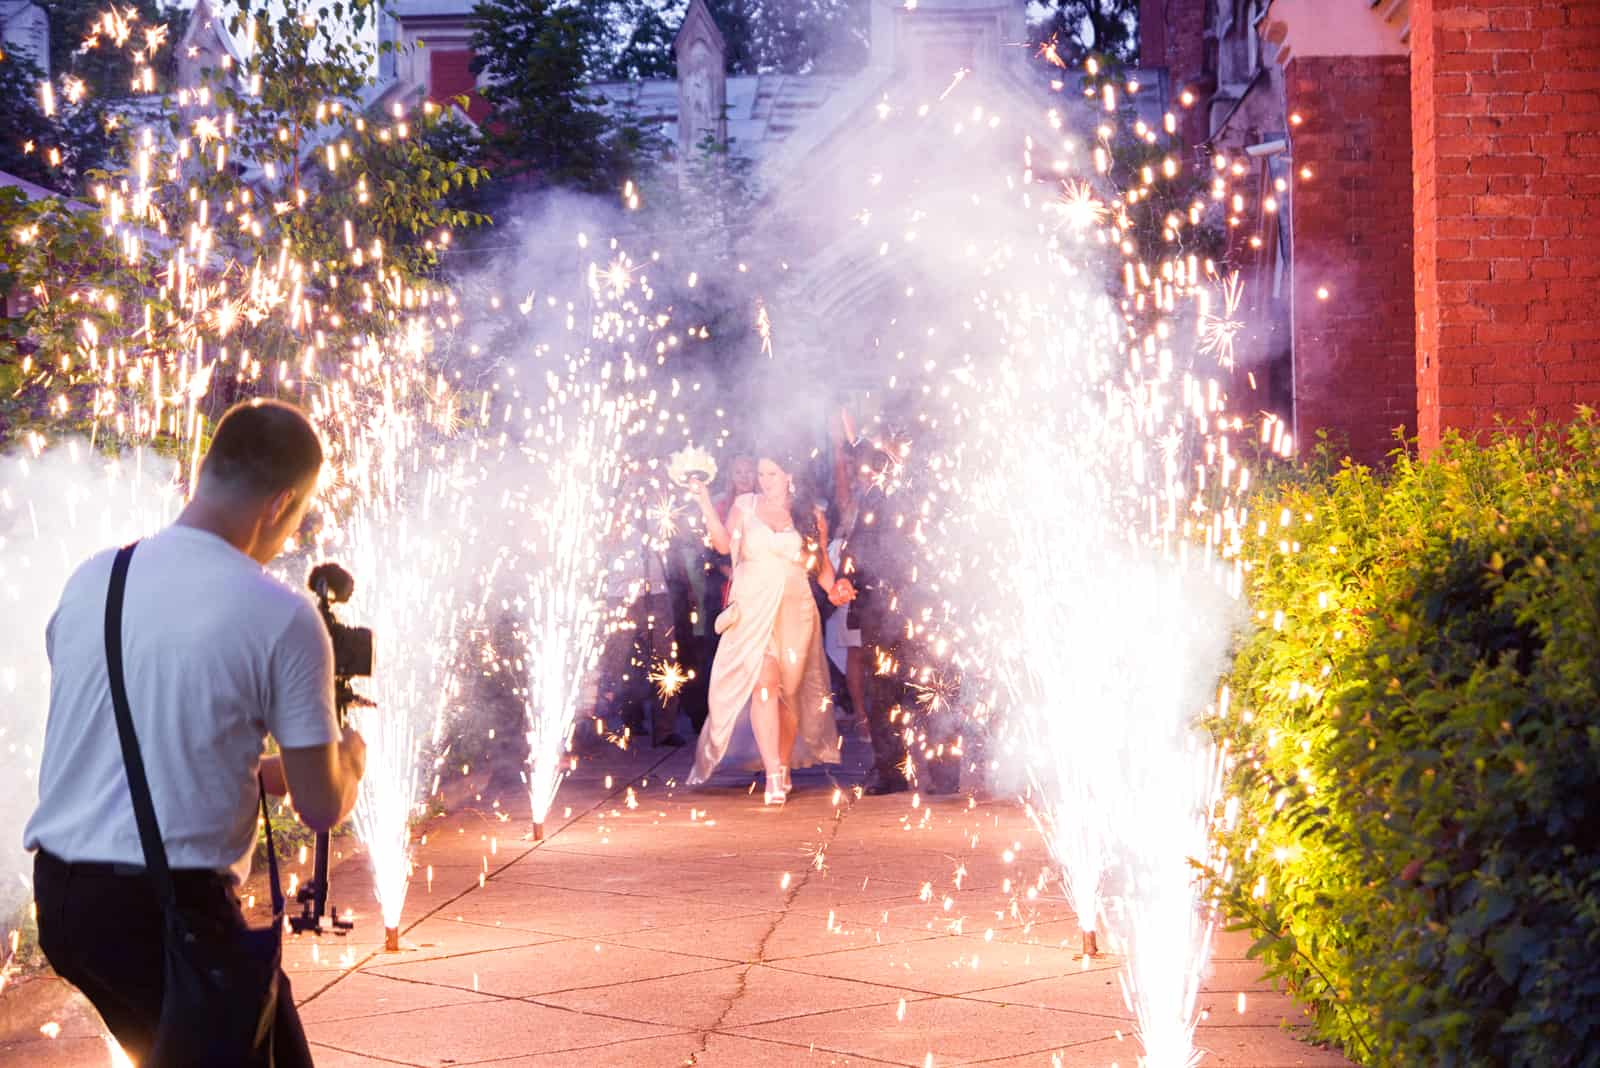 Der Kameramann der Hochzeitsvideografin schießt ein Brautereignis